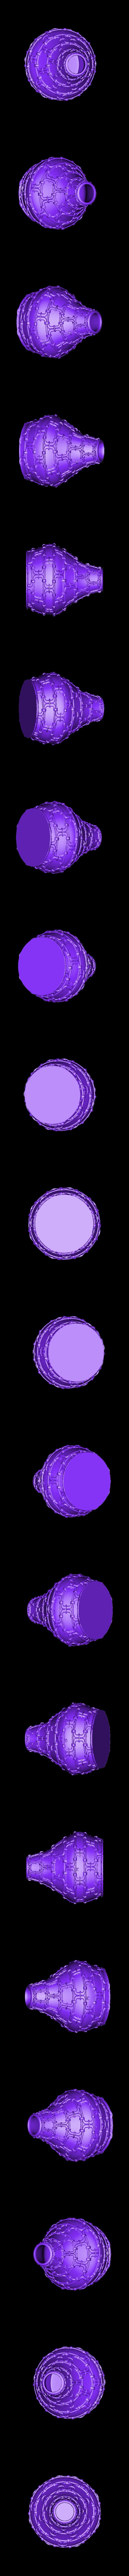 Vase chaine.stl Télécharger fichier STL X86 Mini vase collection  • Objet imprimable en 3D, motek